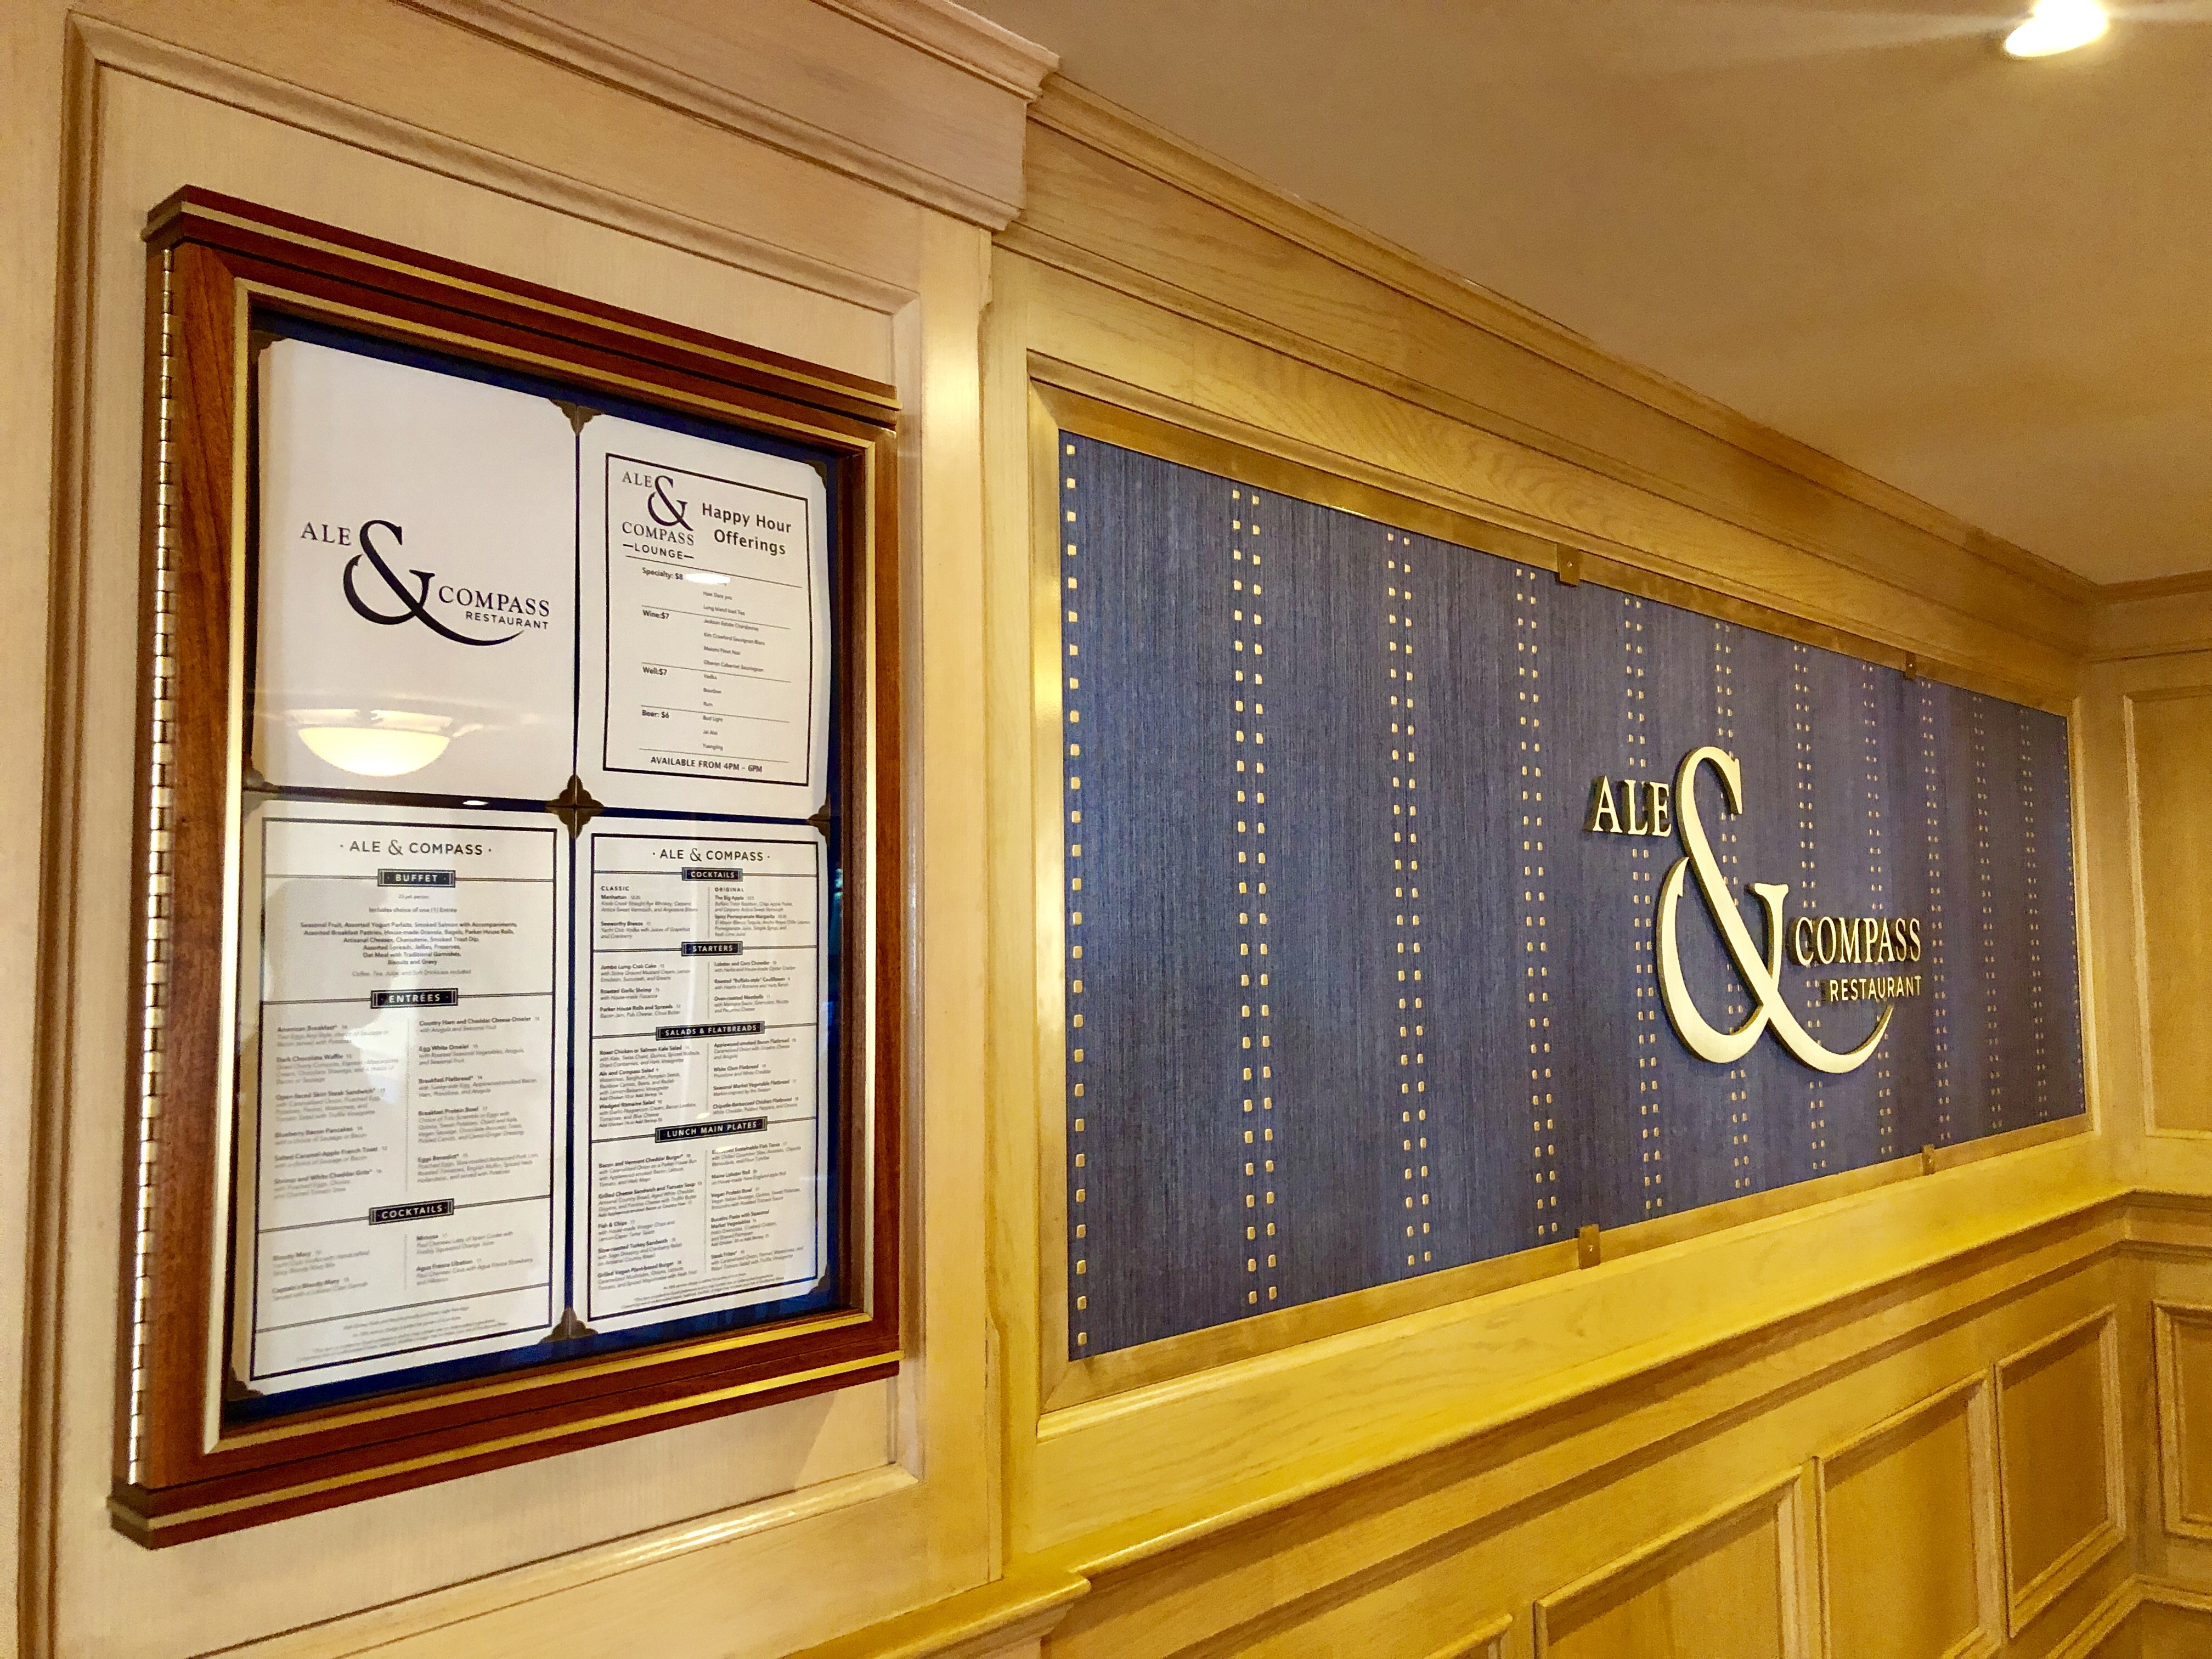 restaurante  Ale & Compass